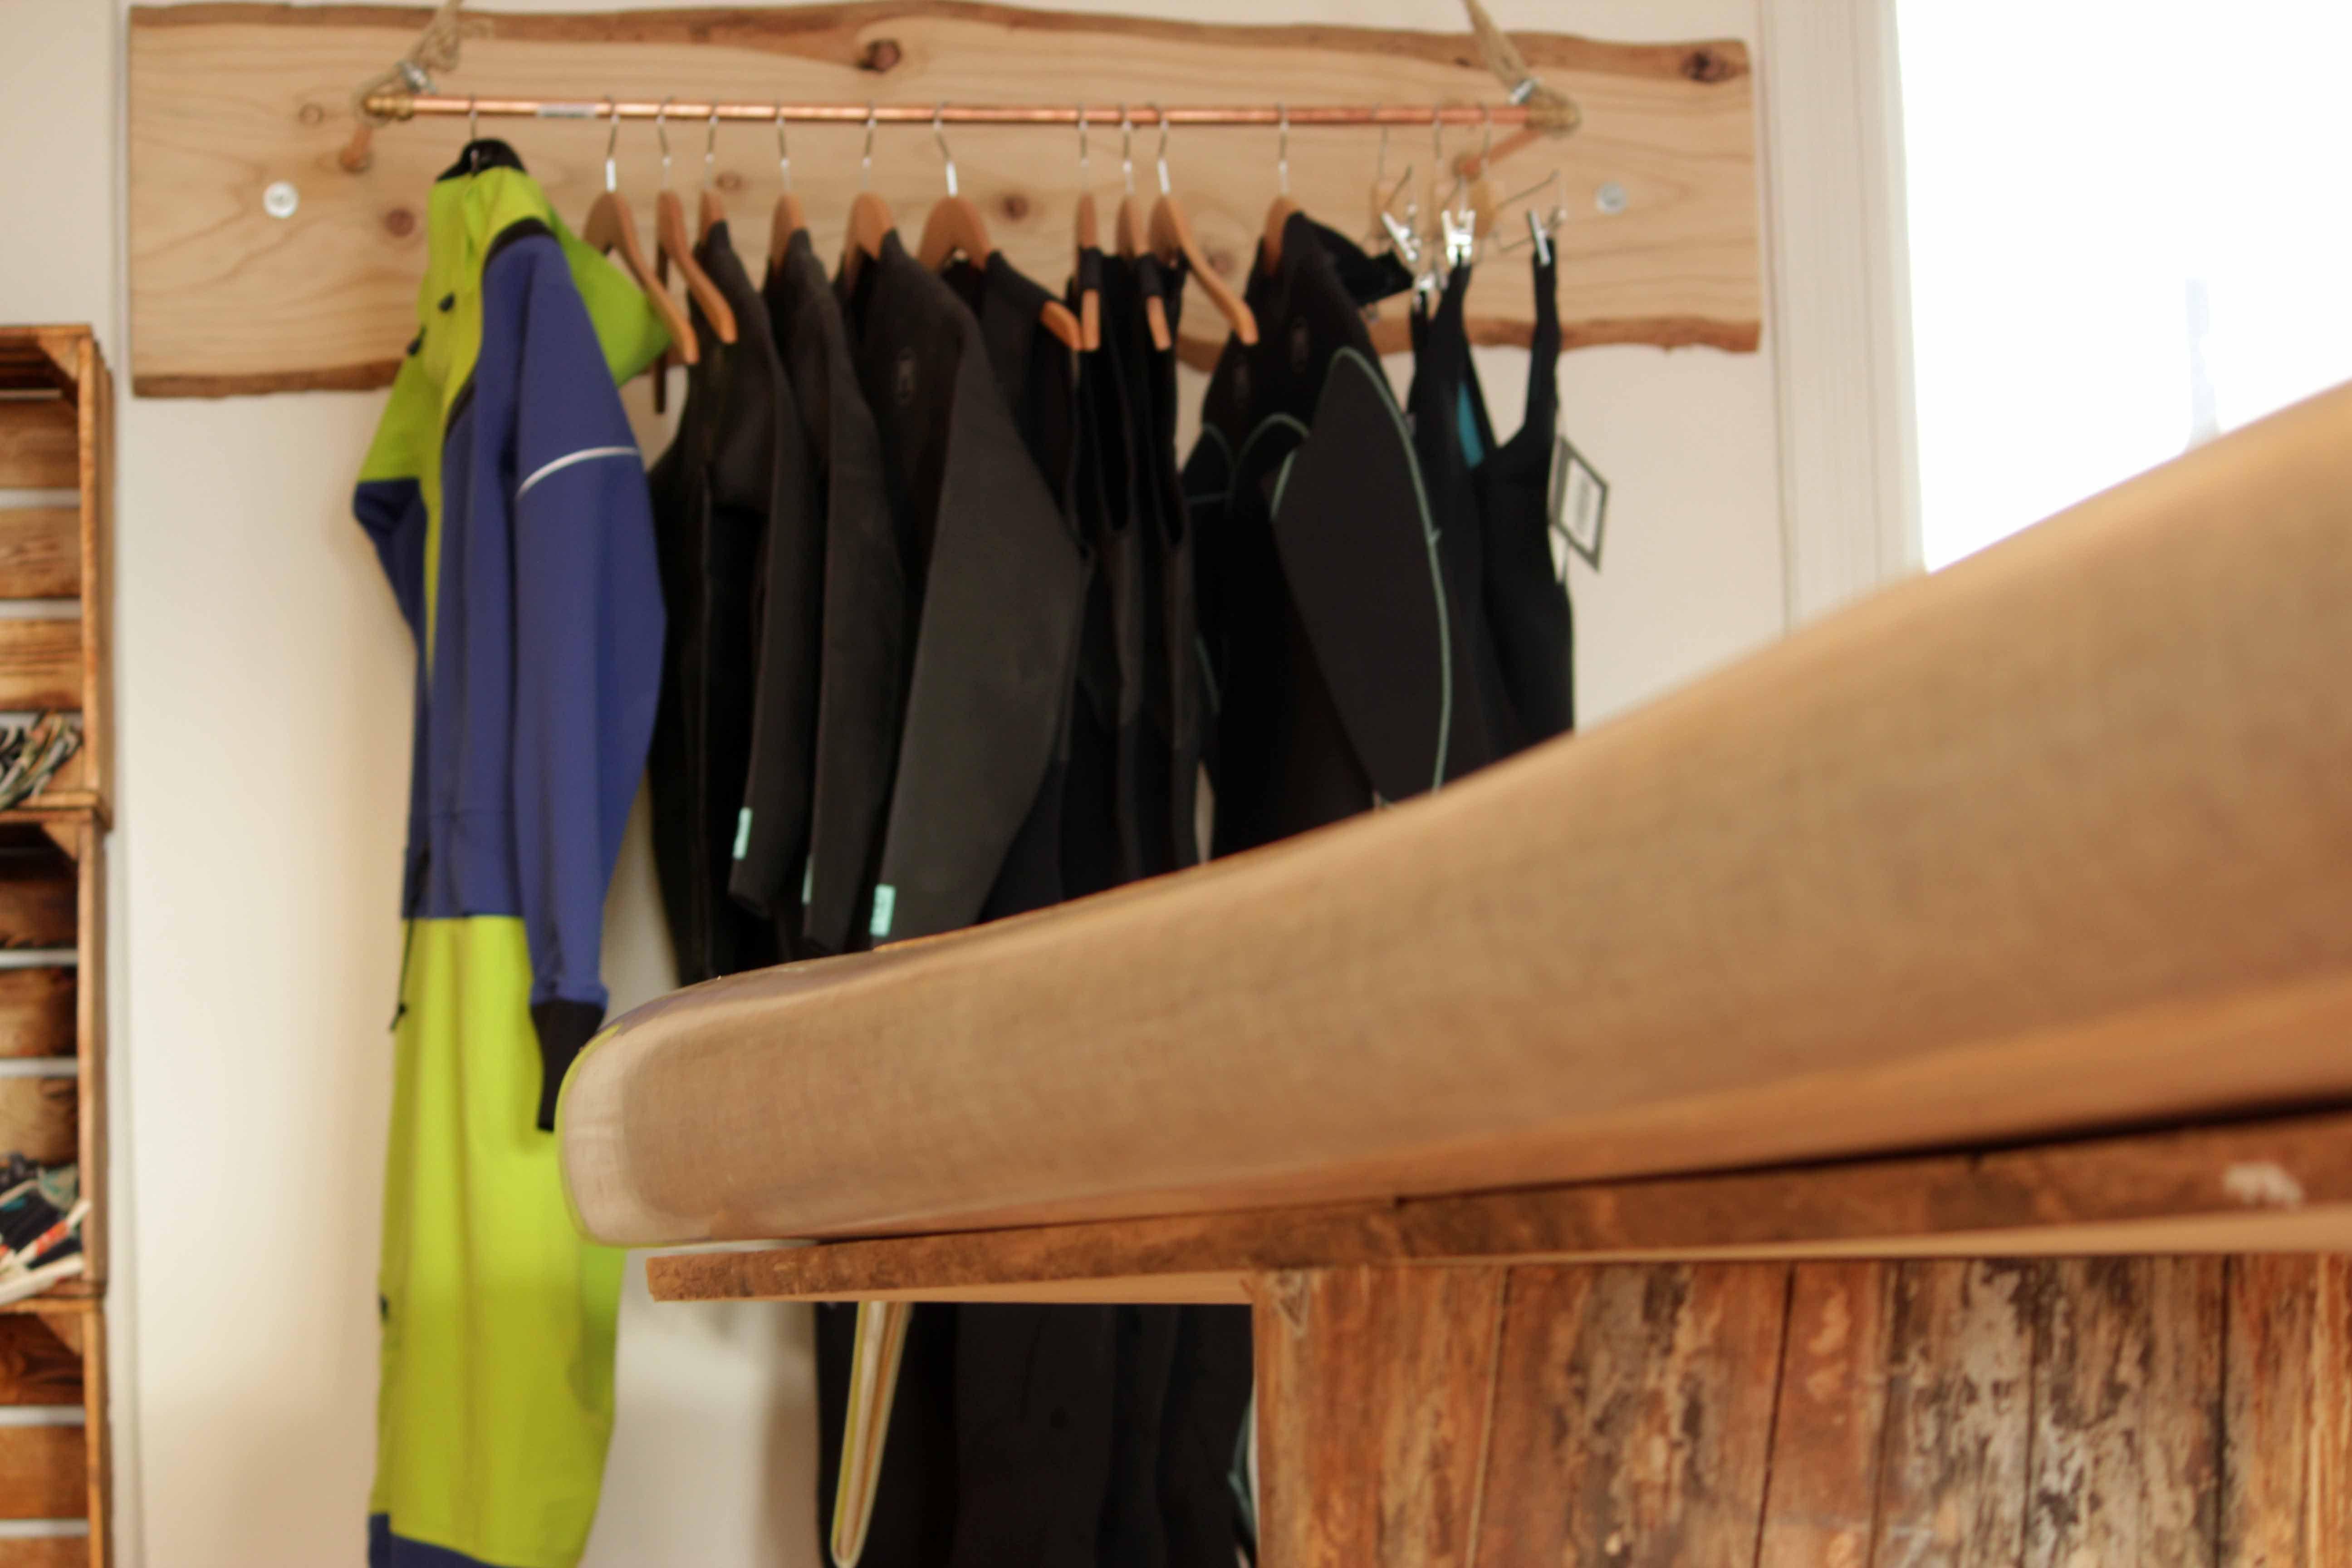 Matuse Geoprene, Dador Drysuits, Earth Sup jetzt in unserem neuen Suptree Laden in Hamburg, Eppendorf.